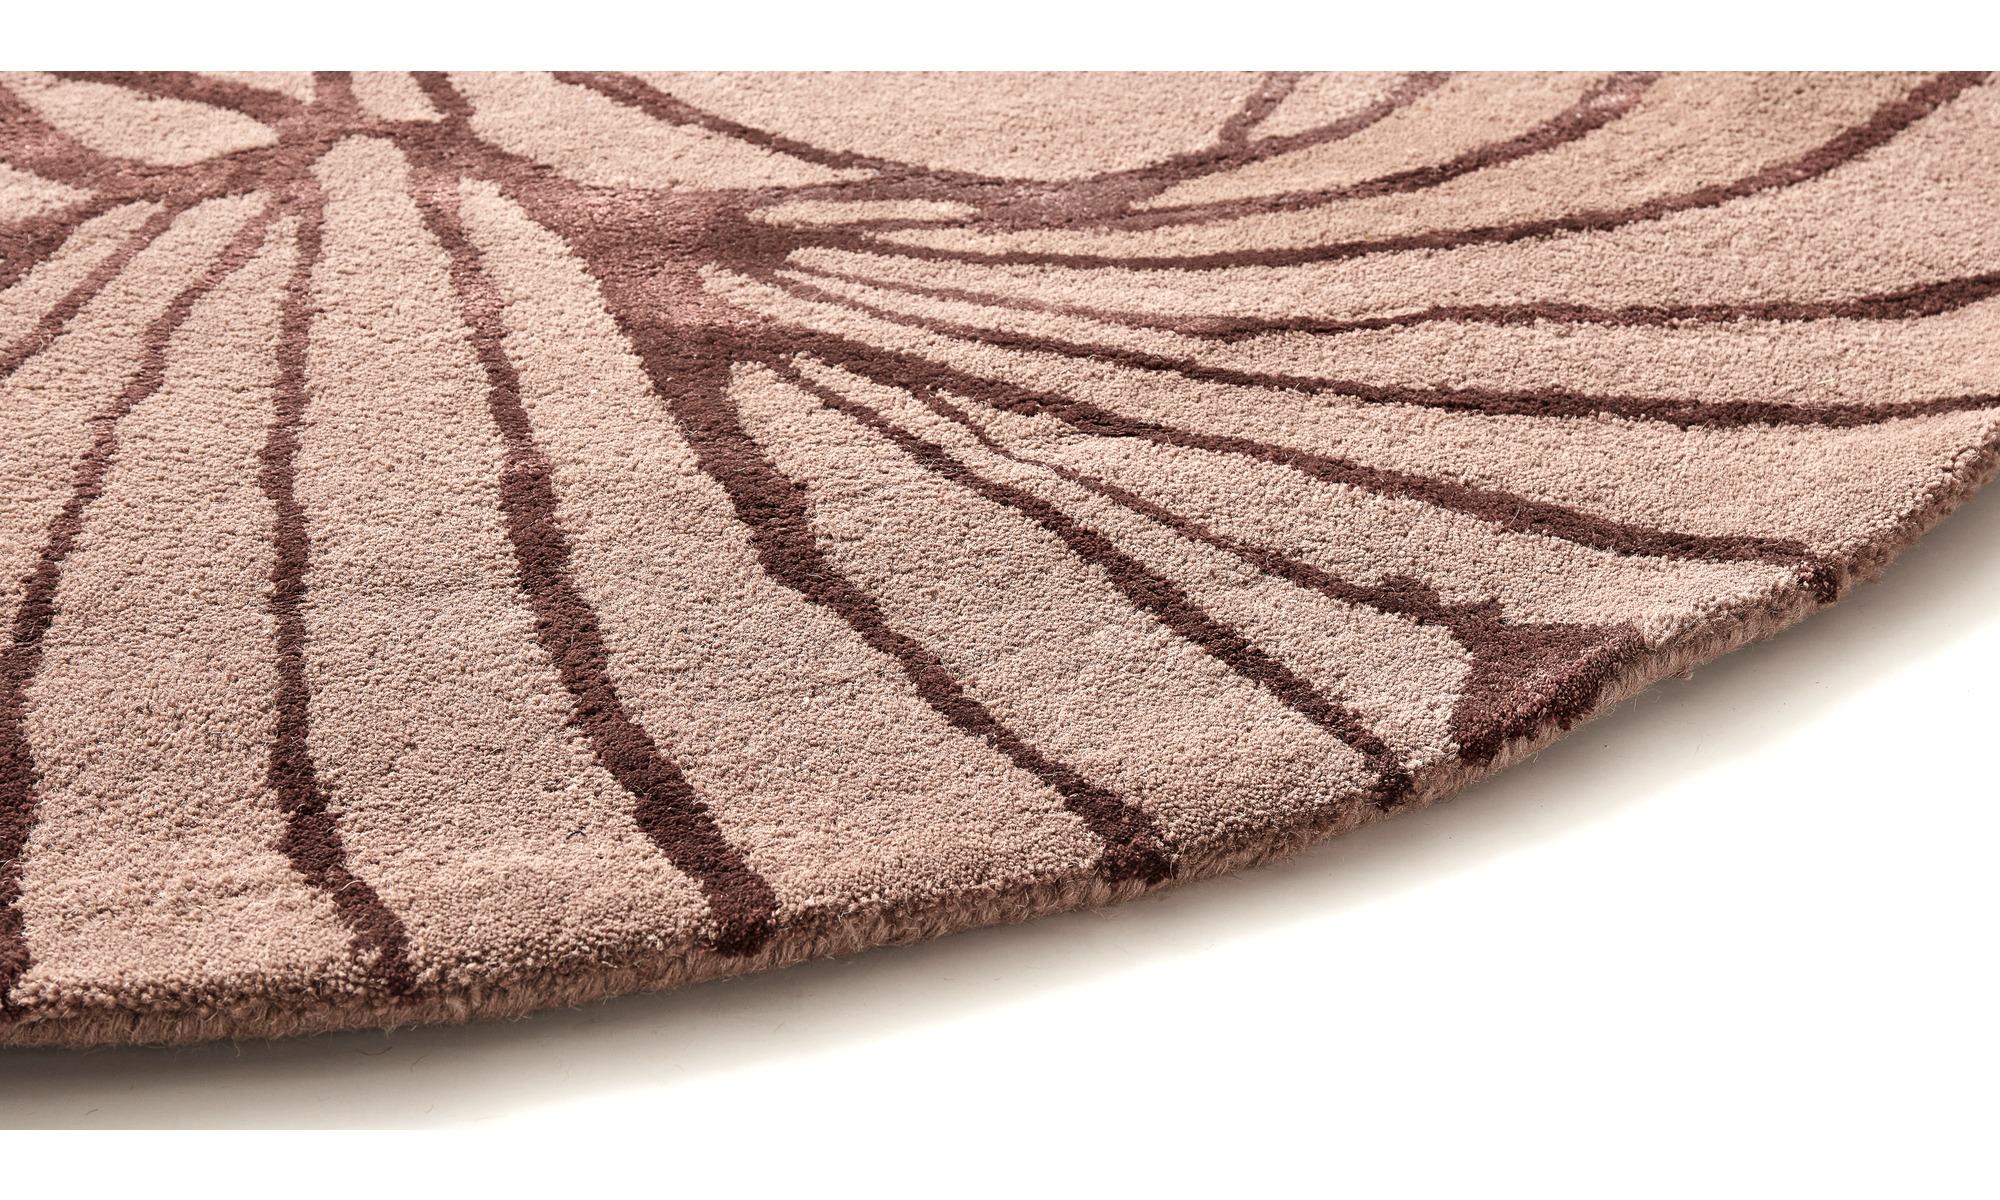 Runde Teppiche runde teppiche ankara teppich boconcept